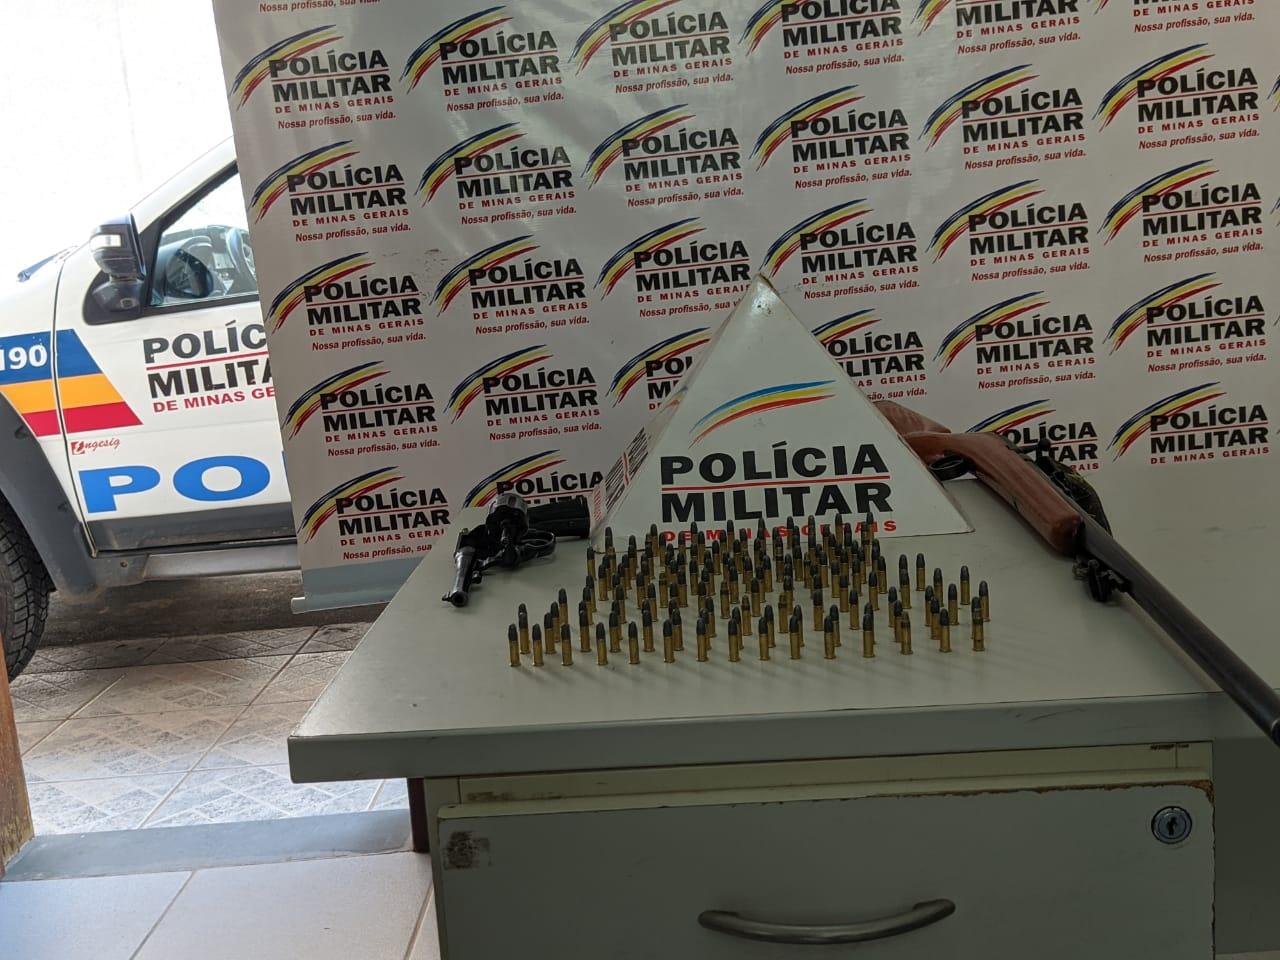 POLÍCIA MILITAR APREENDE ARMAS E MUNIÇÕES NO CENTRO DA CIDADE